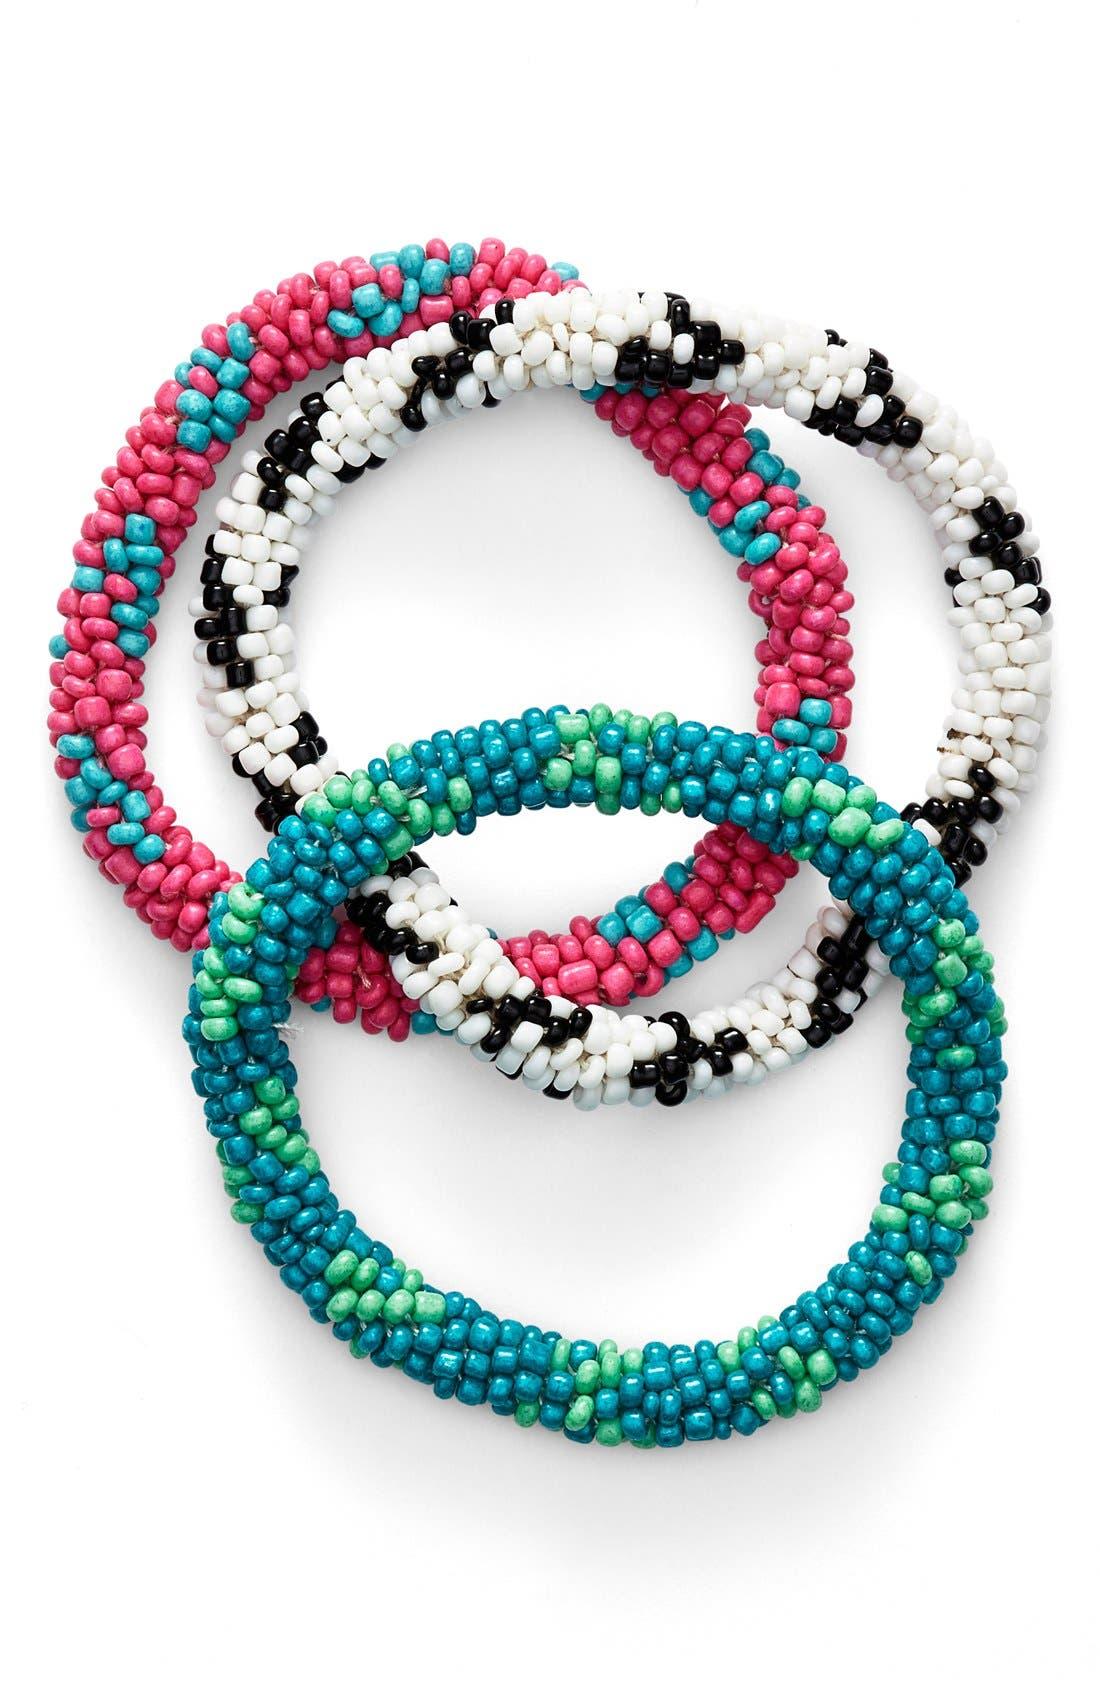 Alternate Image 1 Selected - Spring Street Stretch Bracelets (Set of 3)